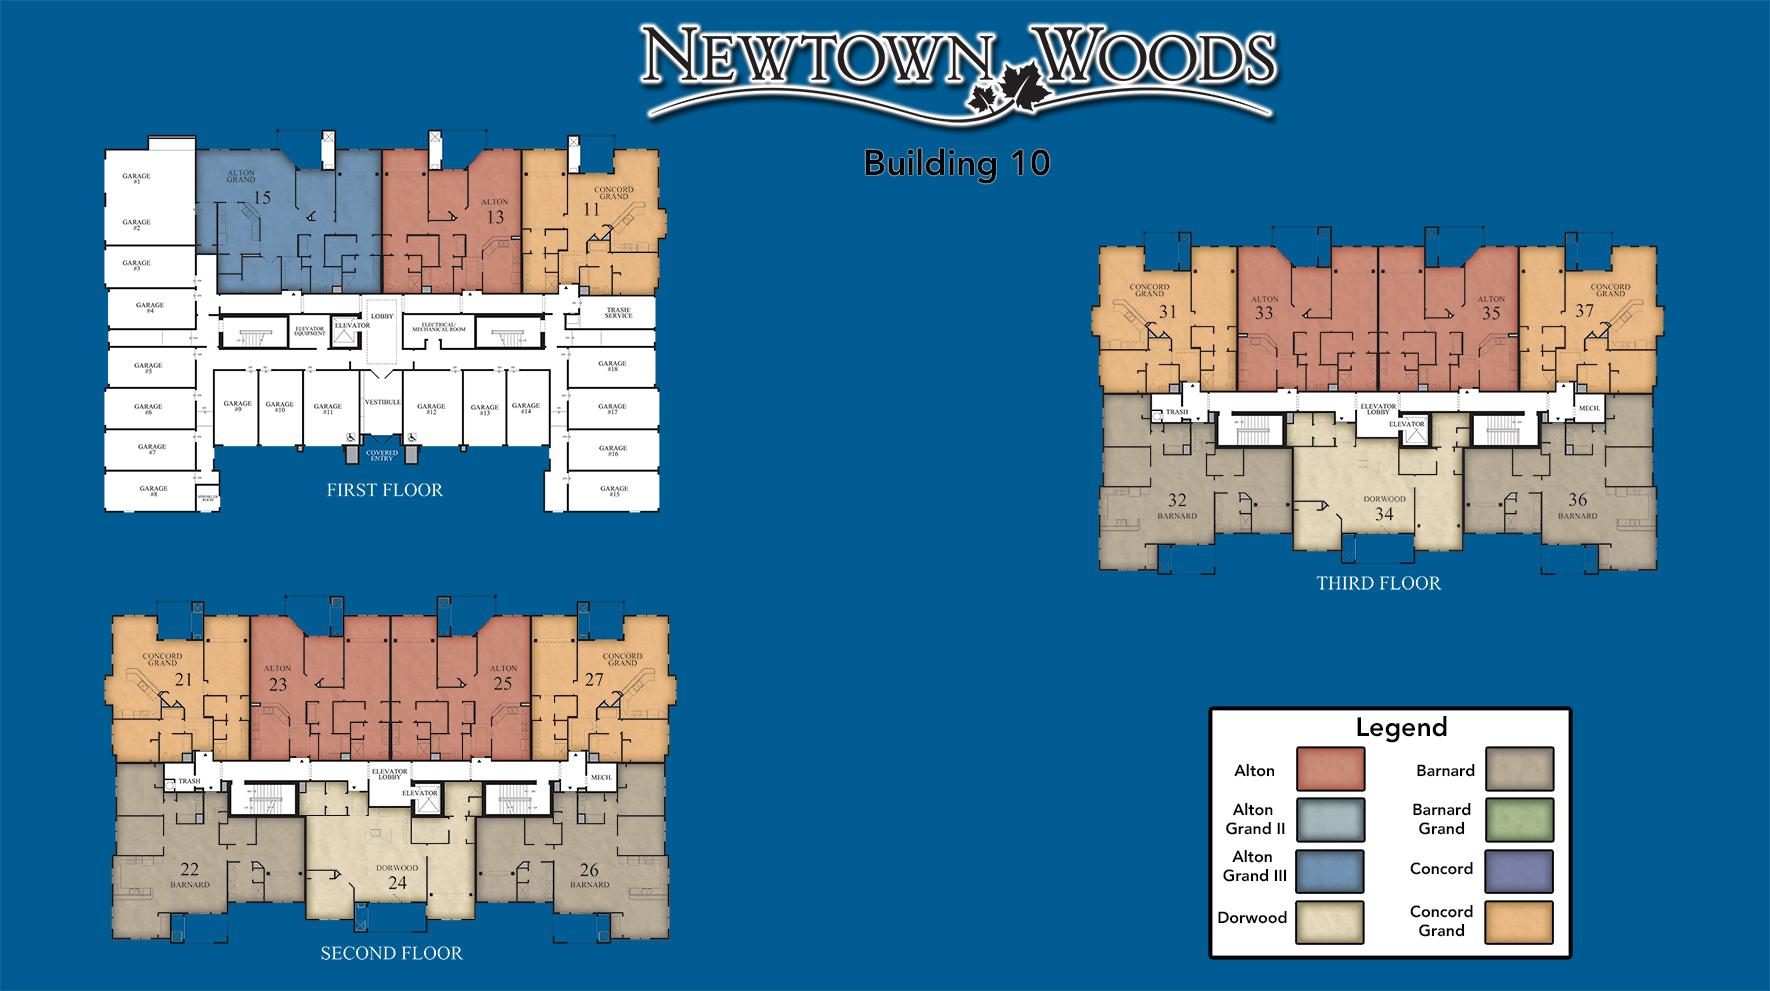 Newtown Woods - Regency Building 10 Site Plan